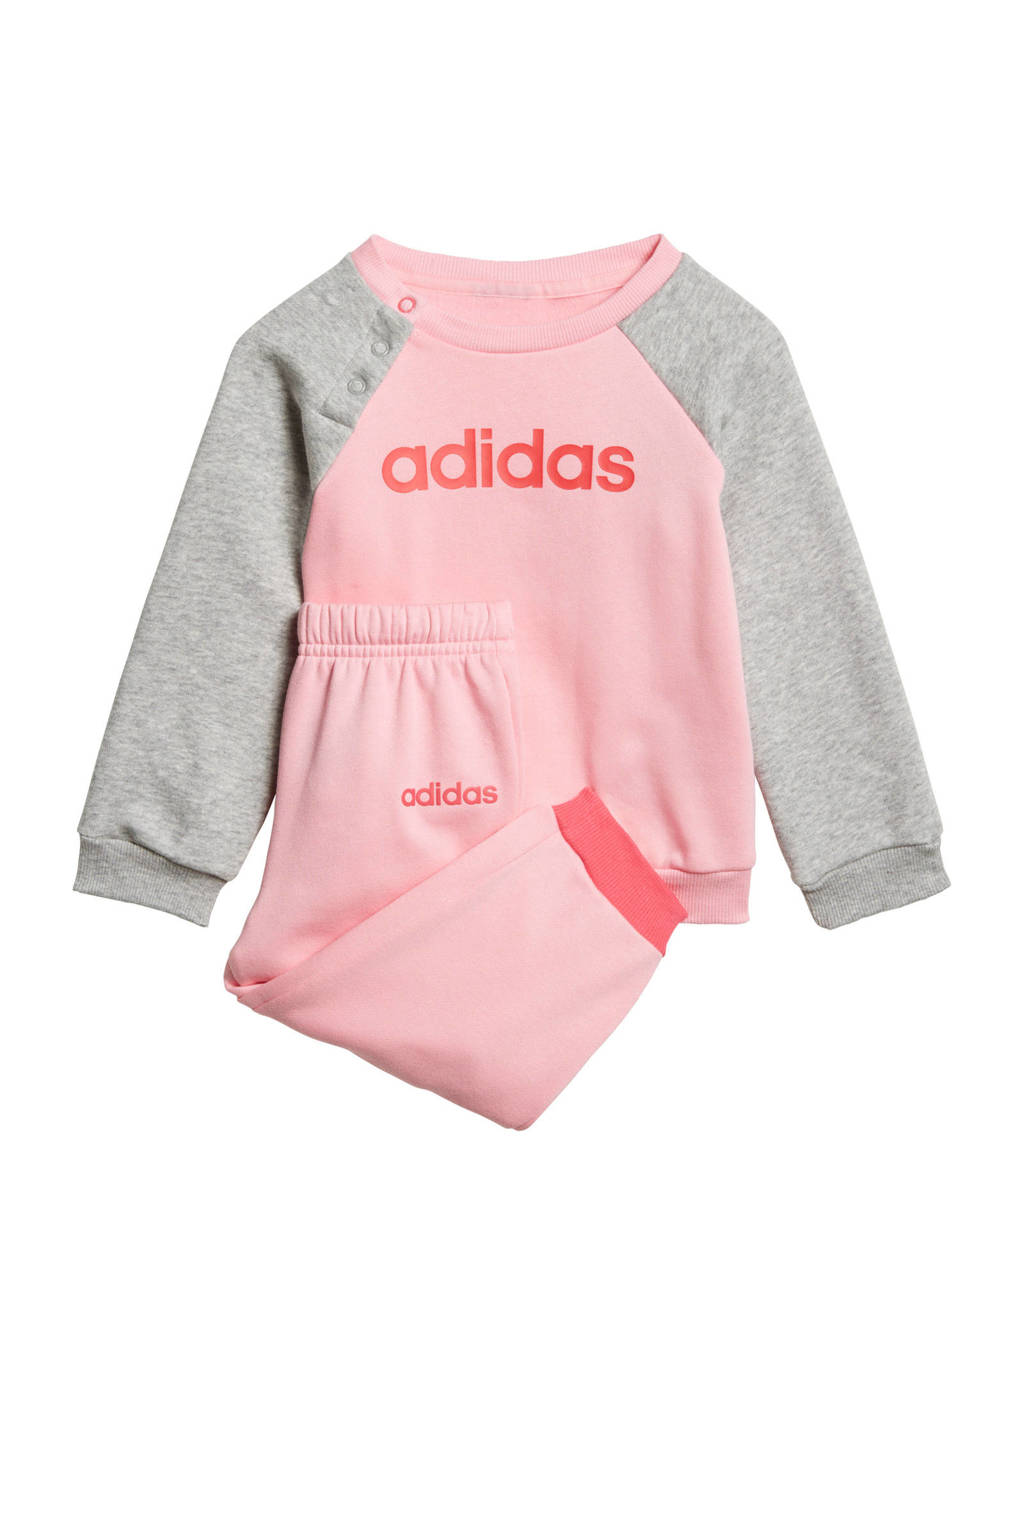 adidas   joggingpak lichtroze/grijs, Lichtroze/grijs